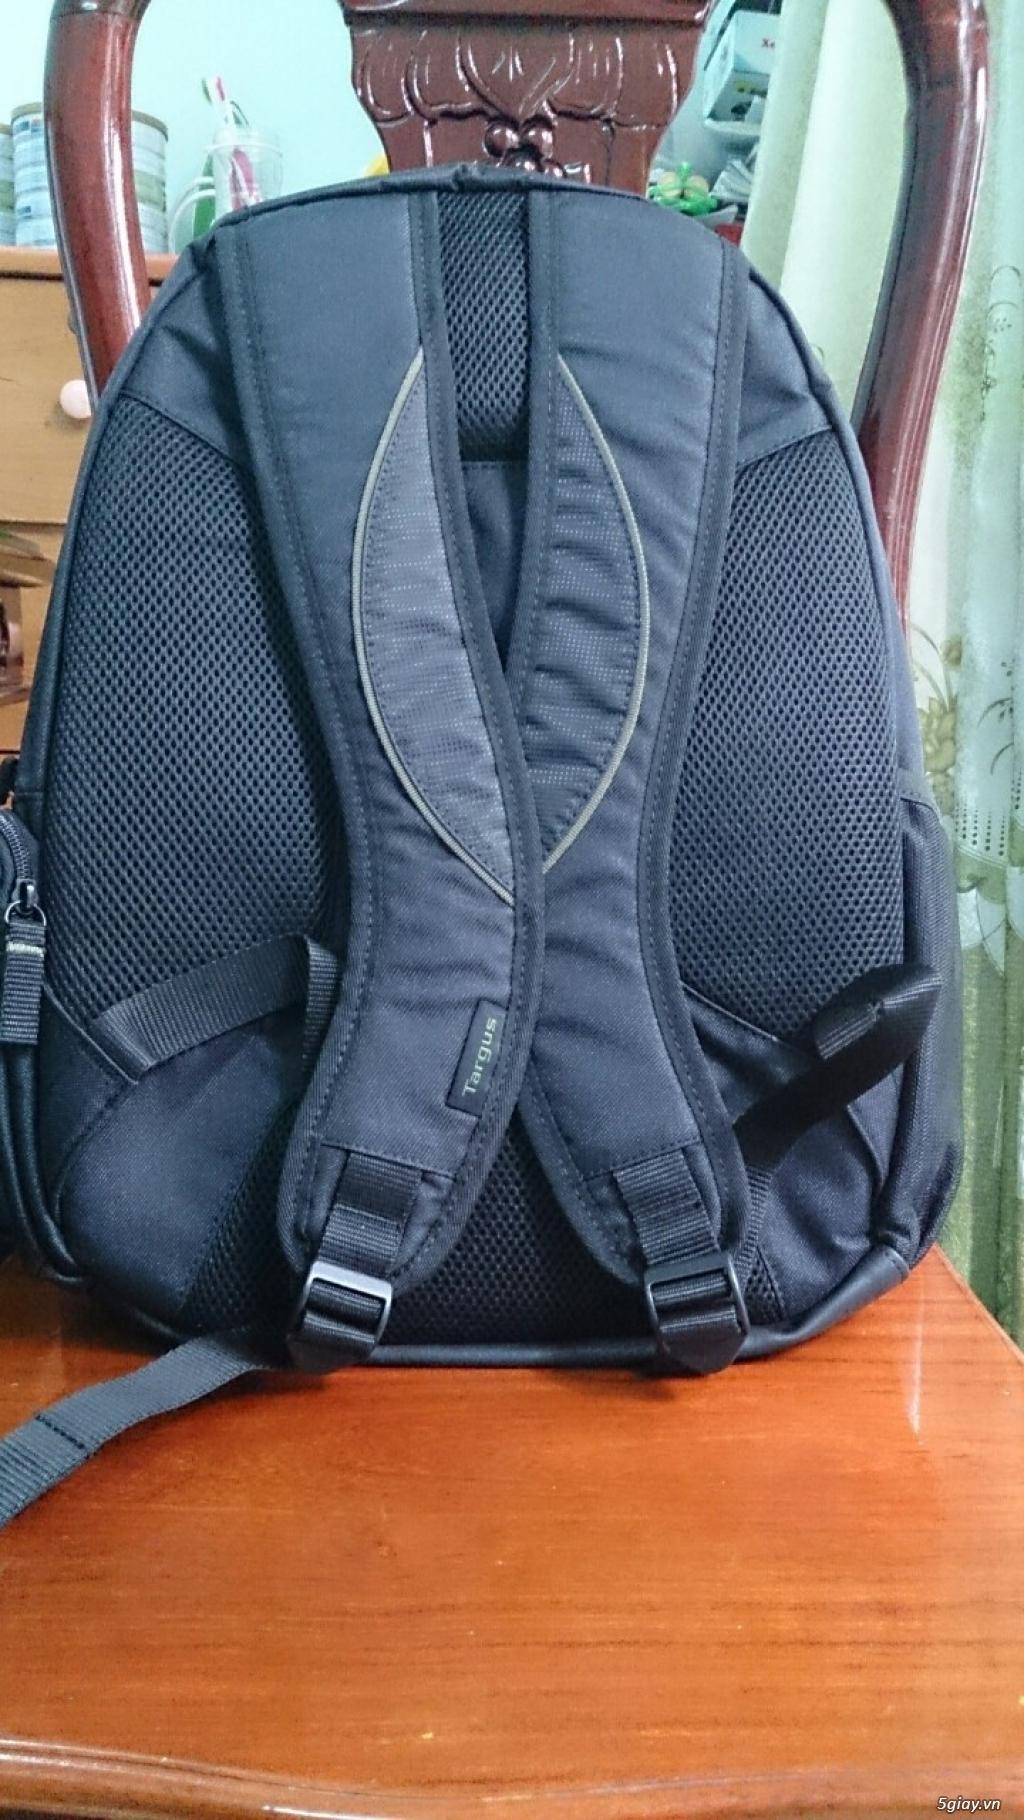 Túi laptop SONY,Balo TARGUS hàng chính hãng nhập khẩu !!! - 5